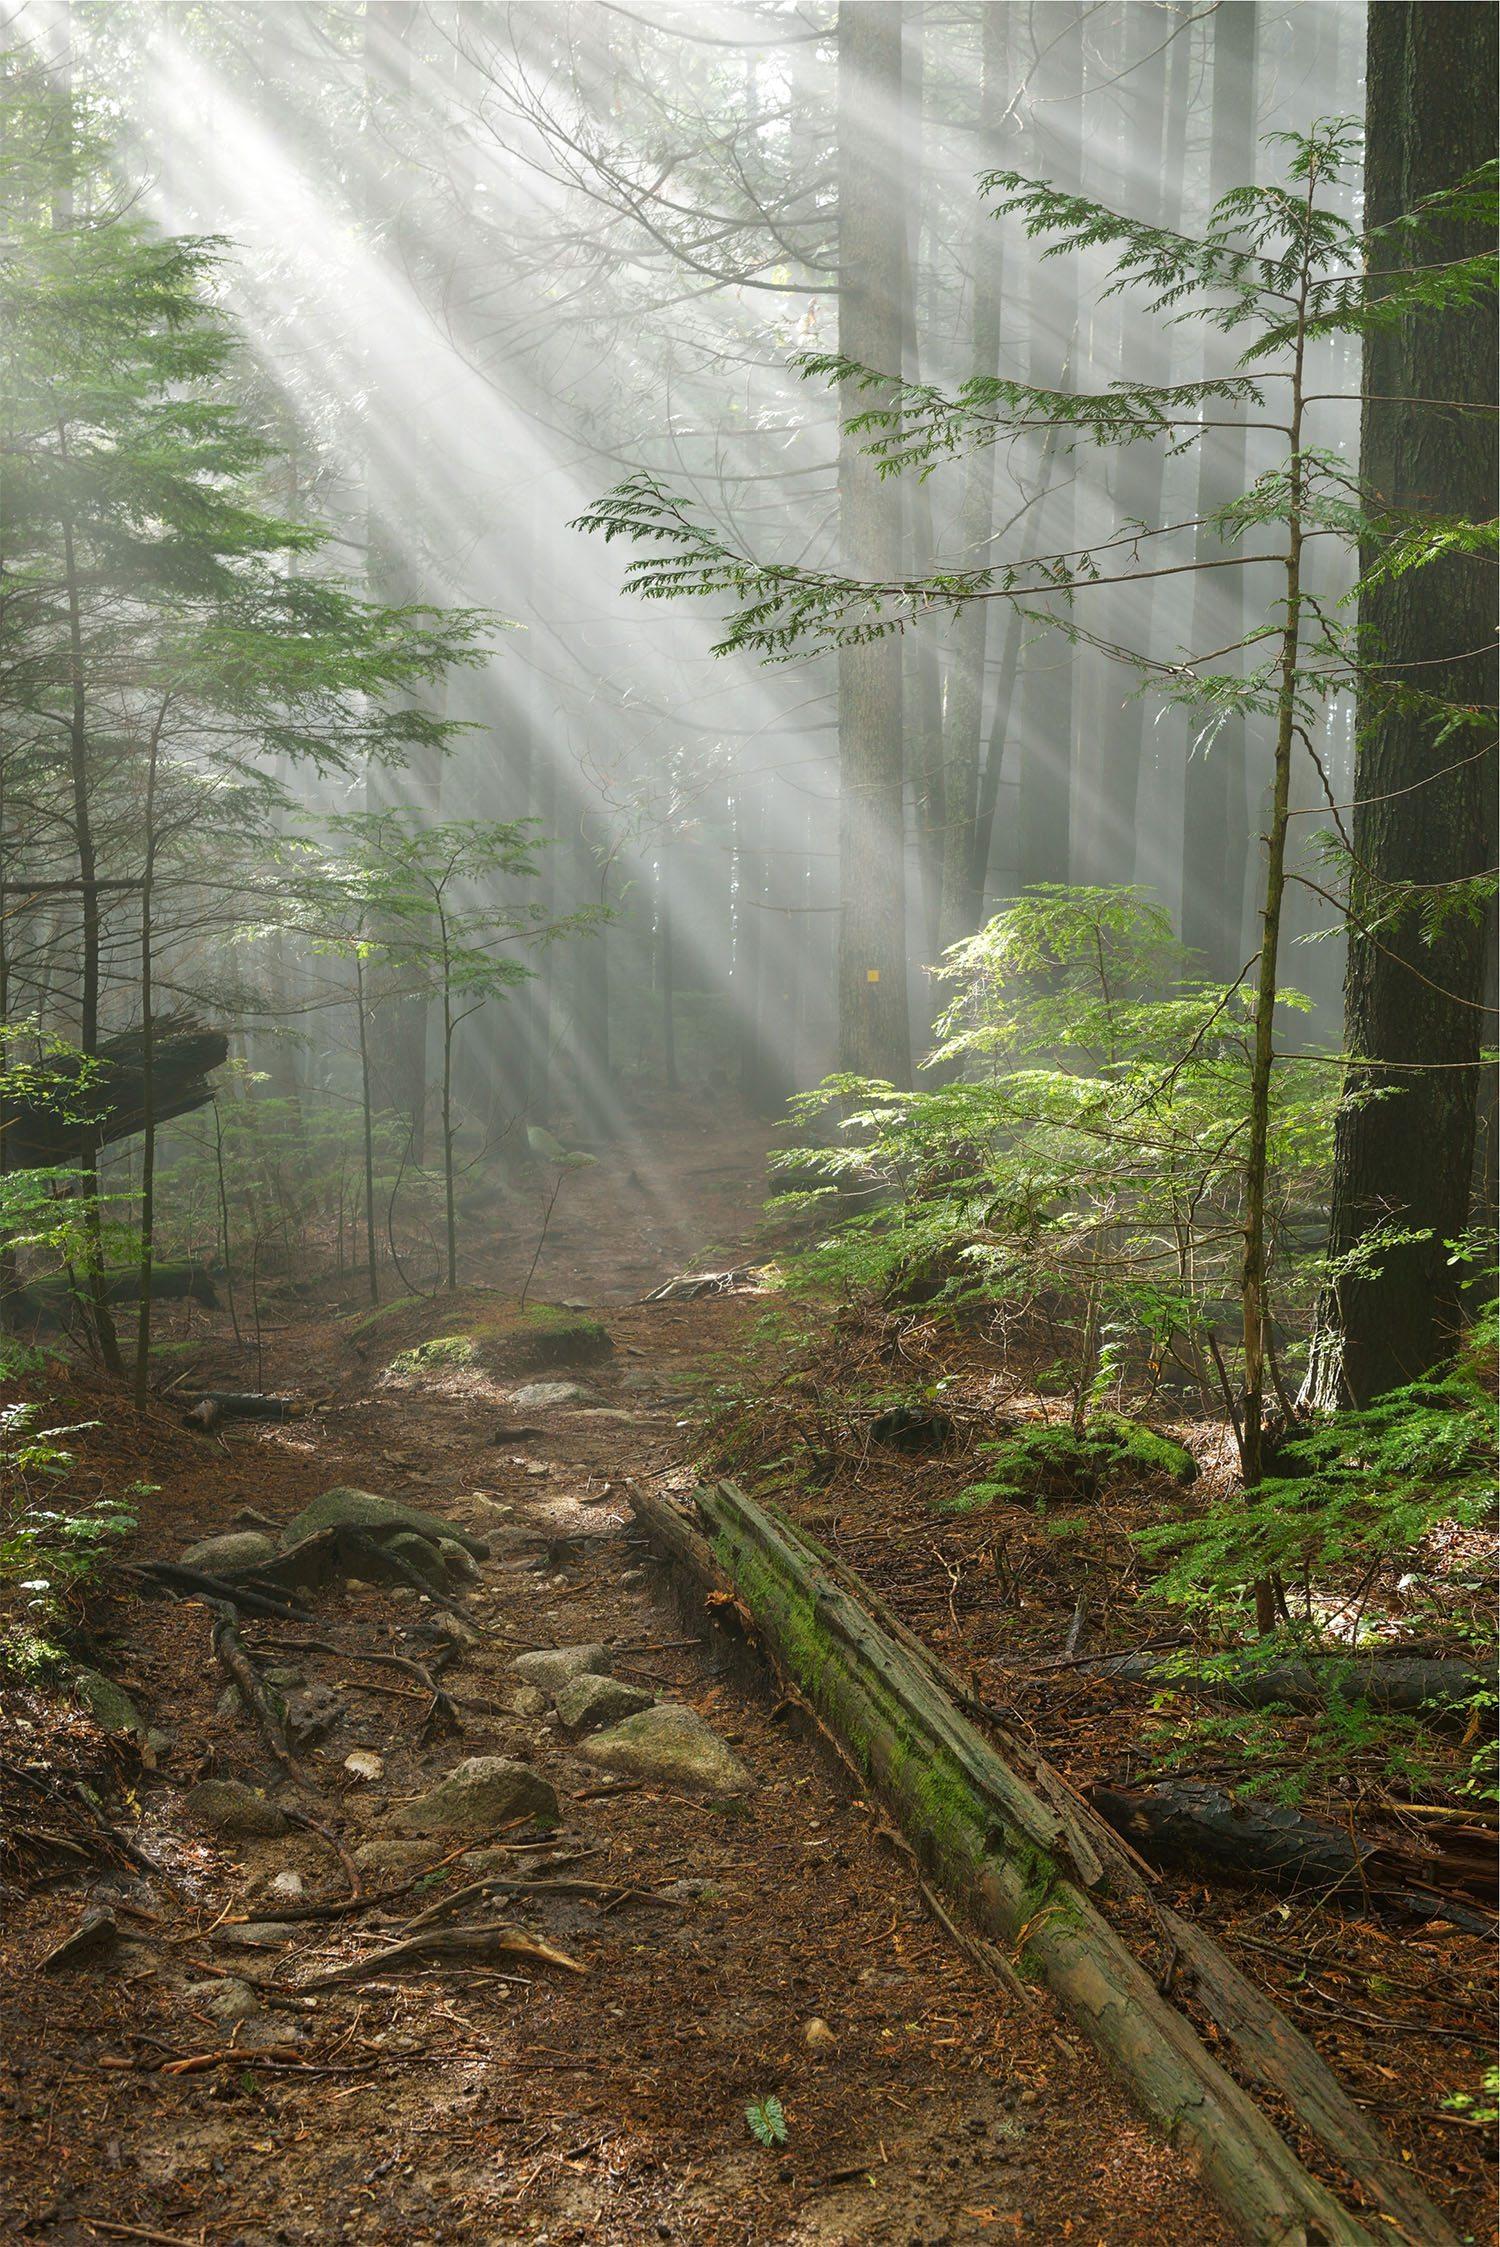 Lynn Peak trail (Lijuan Guo/Shutterstock)